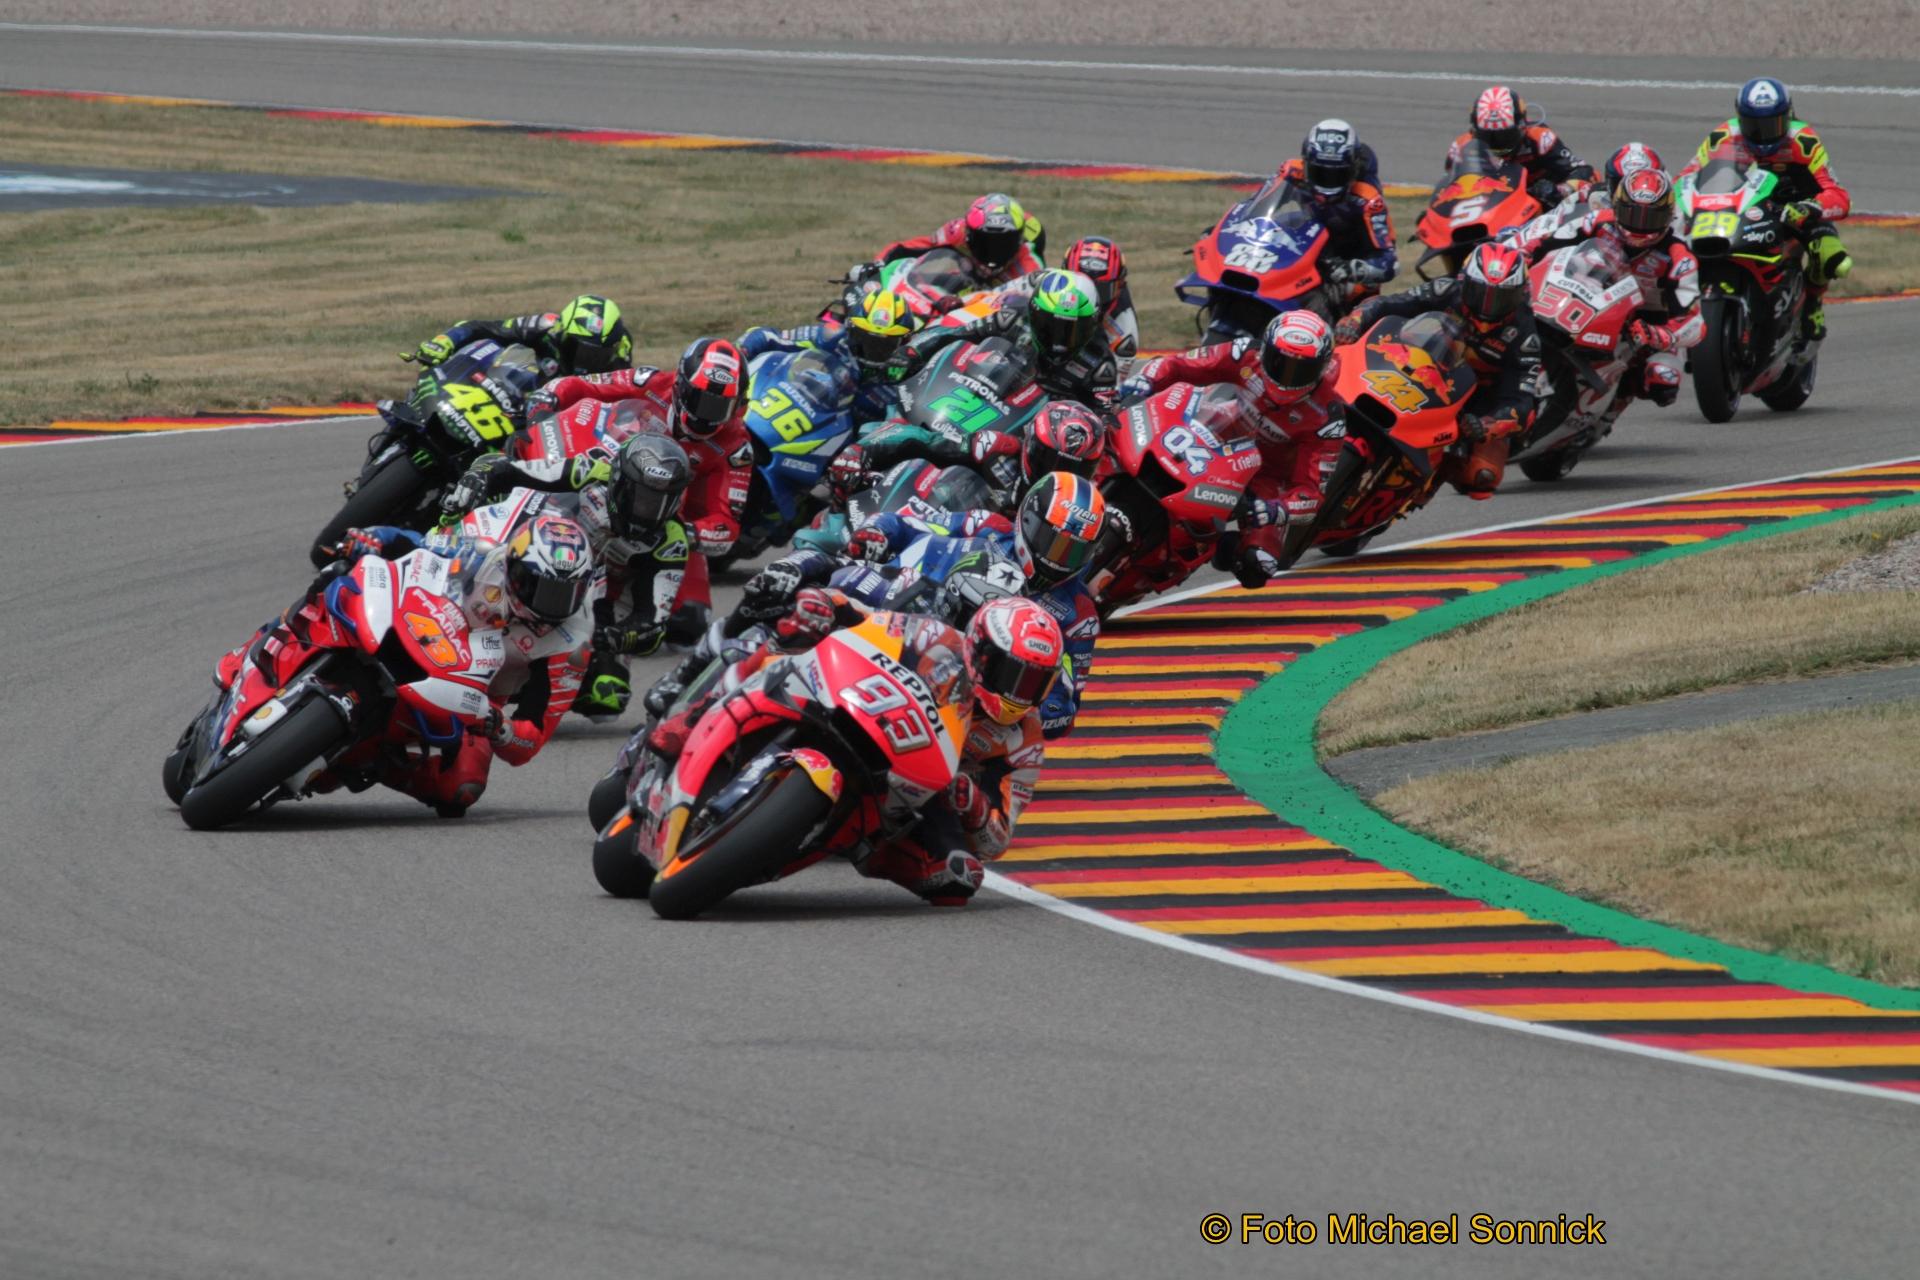 Die Motorrad-WM möchte am 19. Juli in Jerez/Spanien wieder fahren